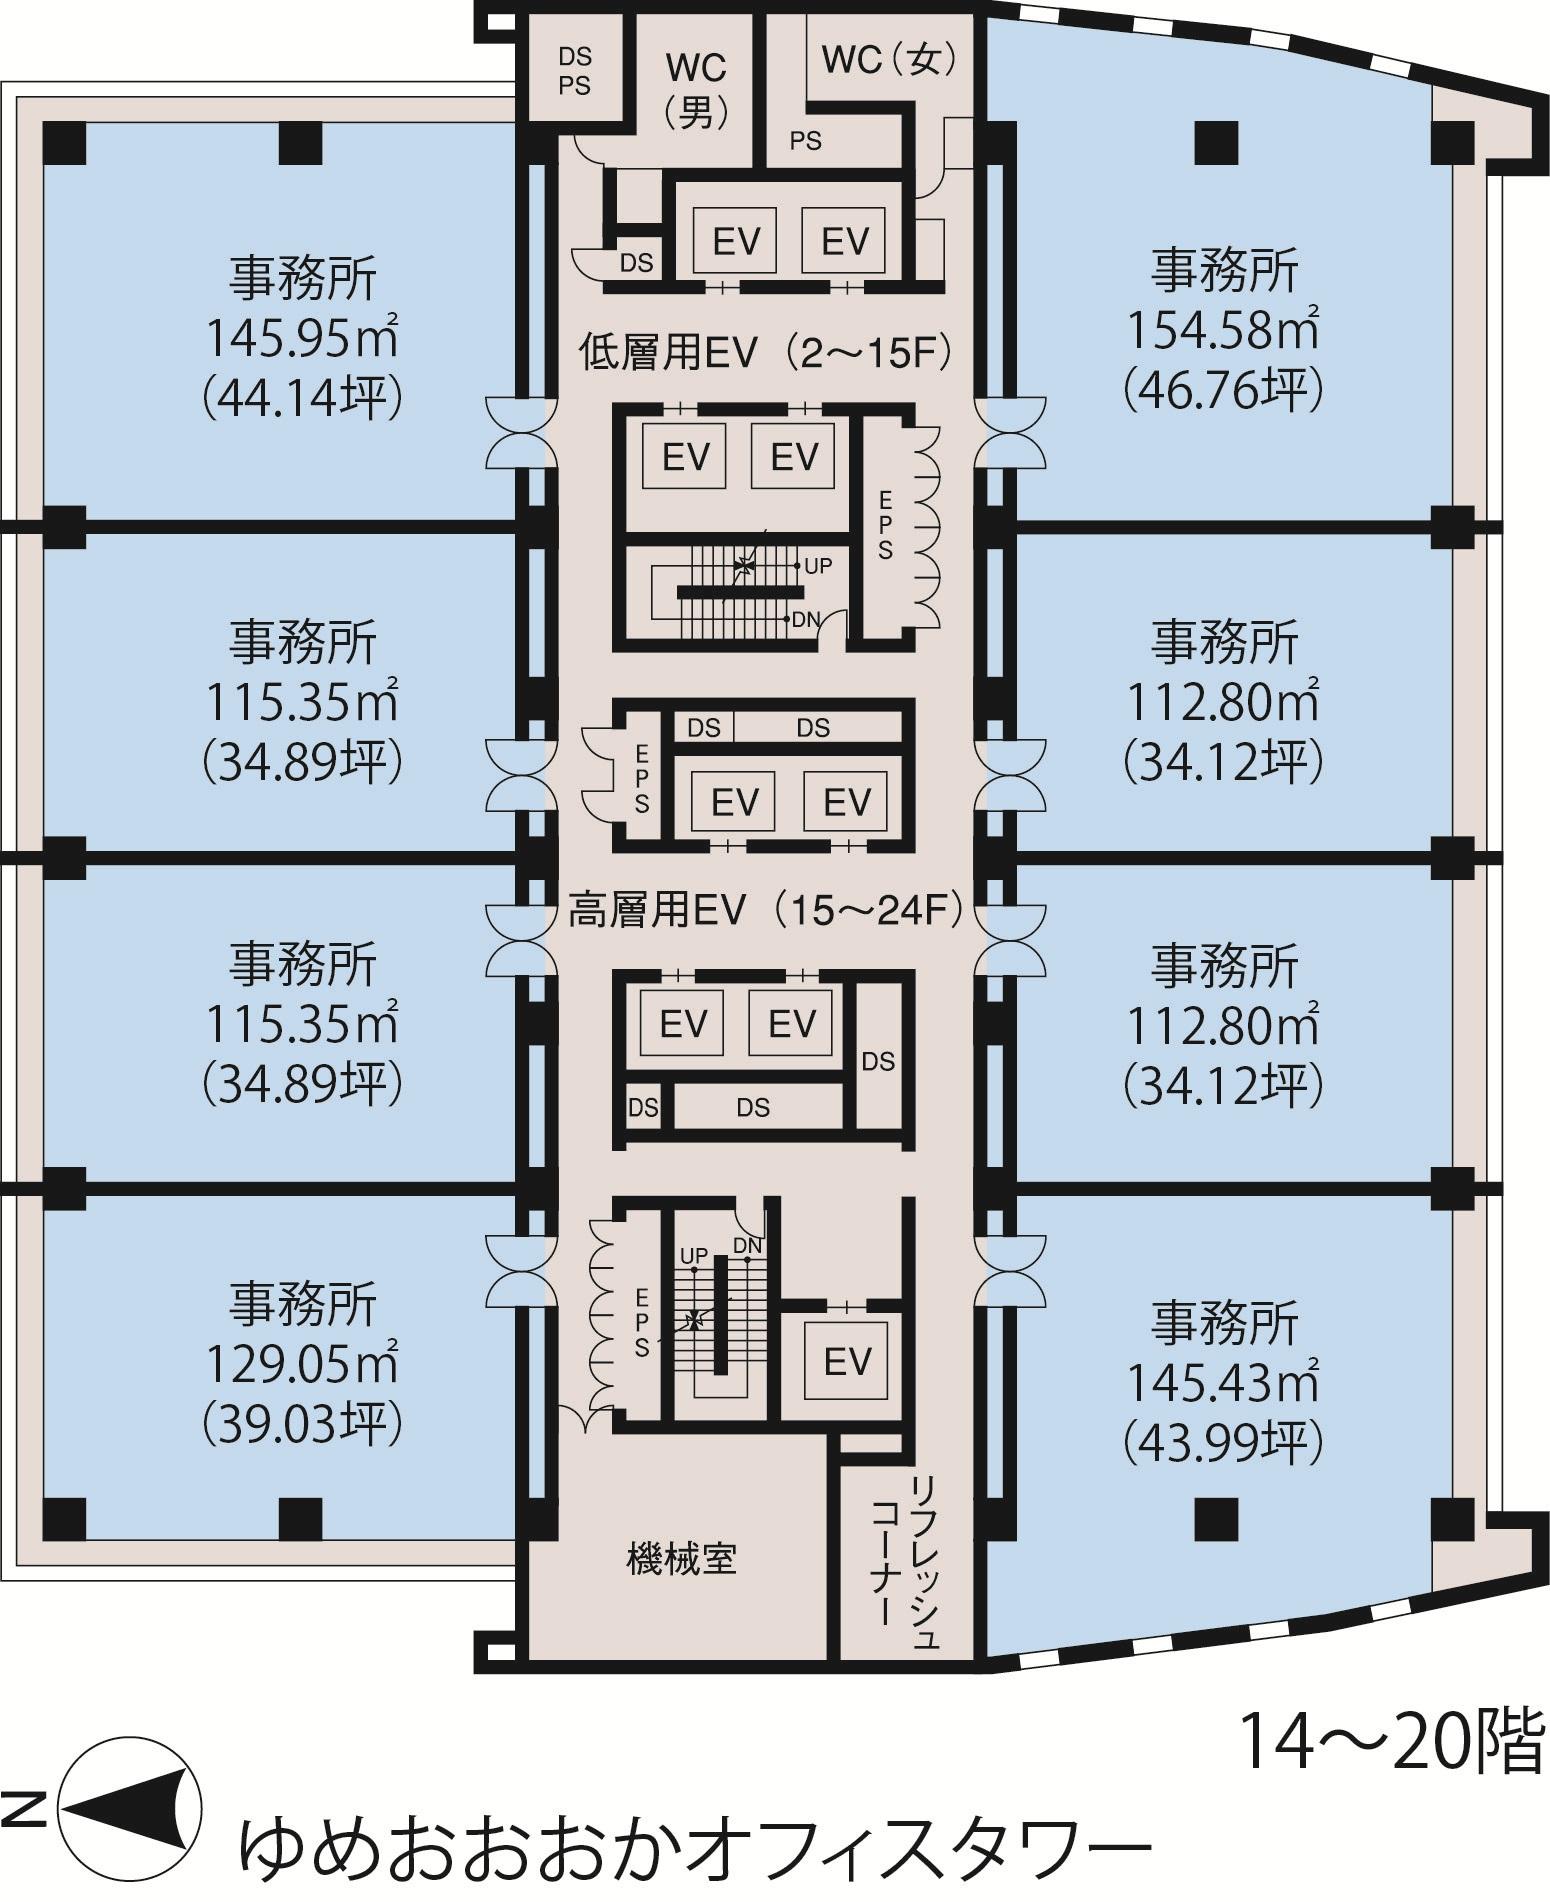 基準階(ゆめおおおかオフィスタワー14~20階階)